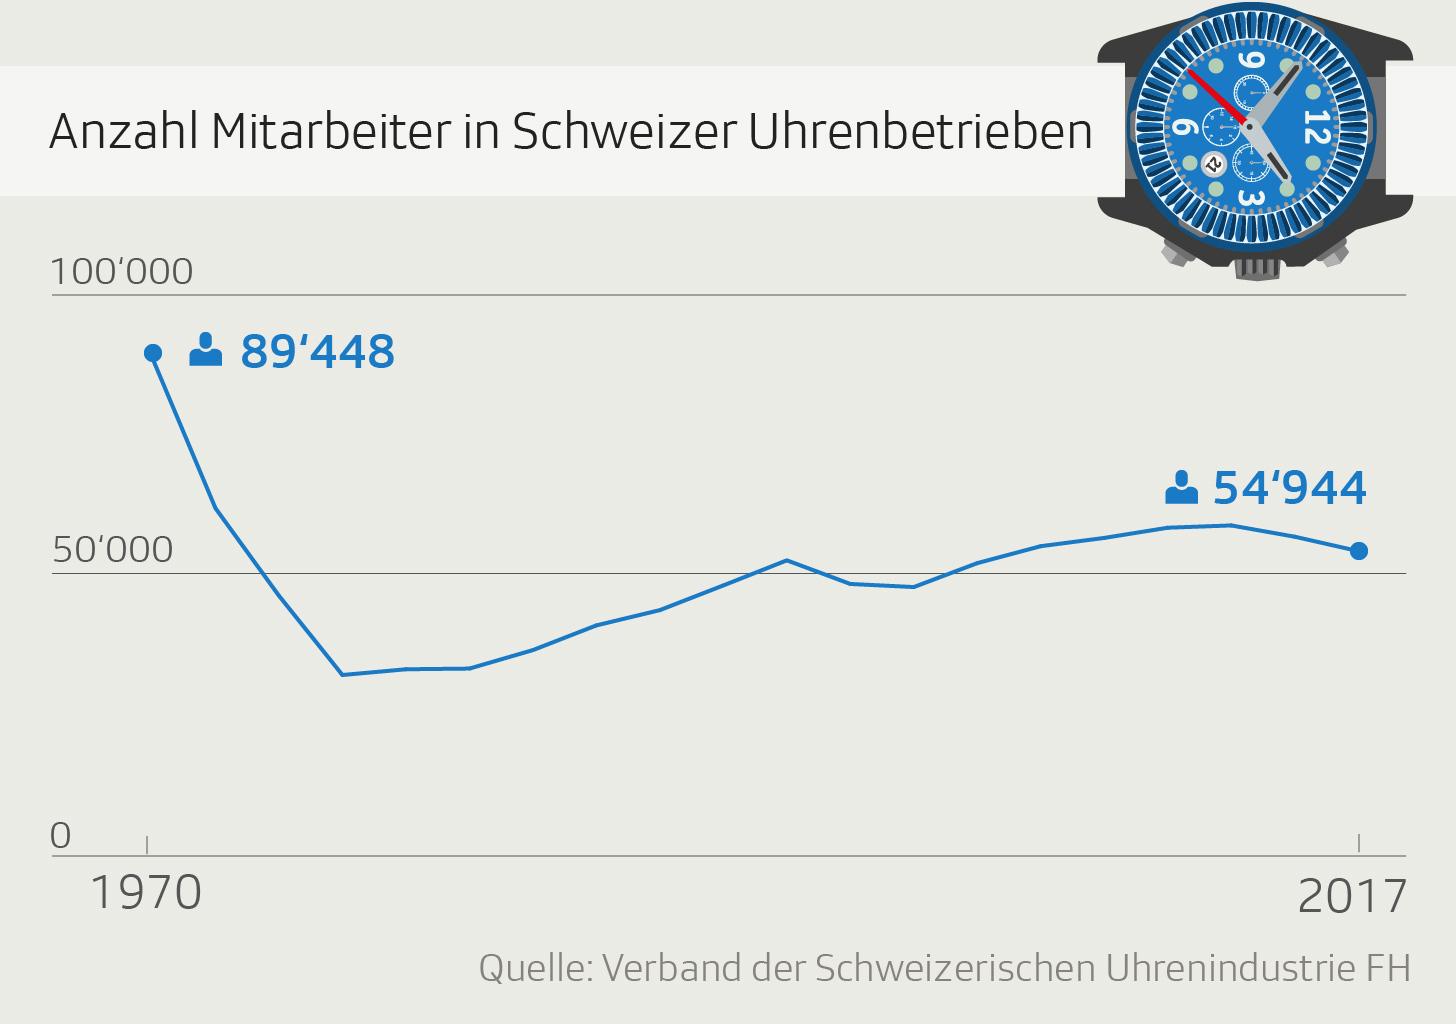 Grafik zeigt Anzahl der Mitarbeiter der Schweizer Uhrenbetriebe seit 1970